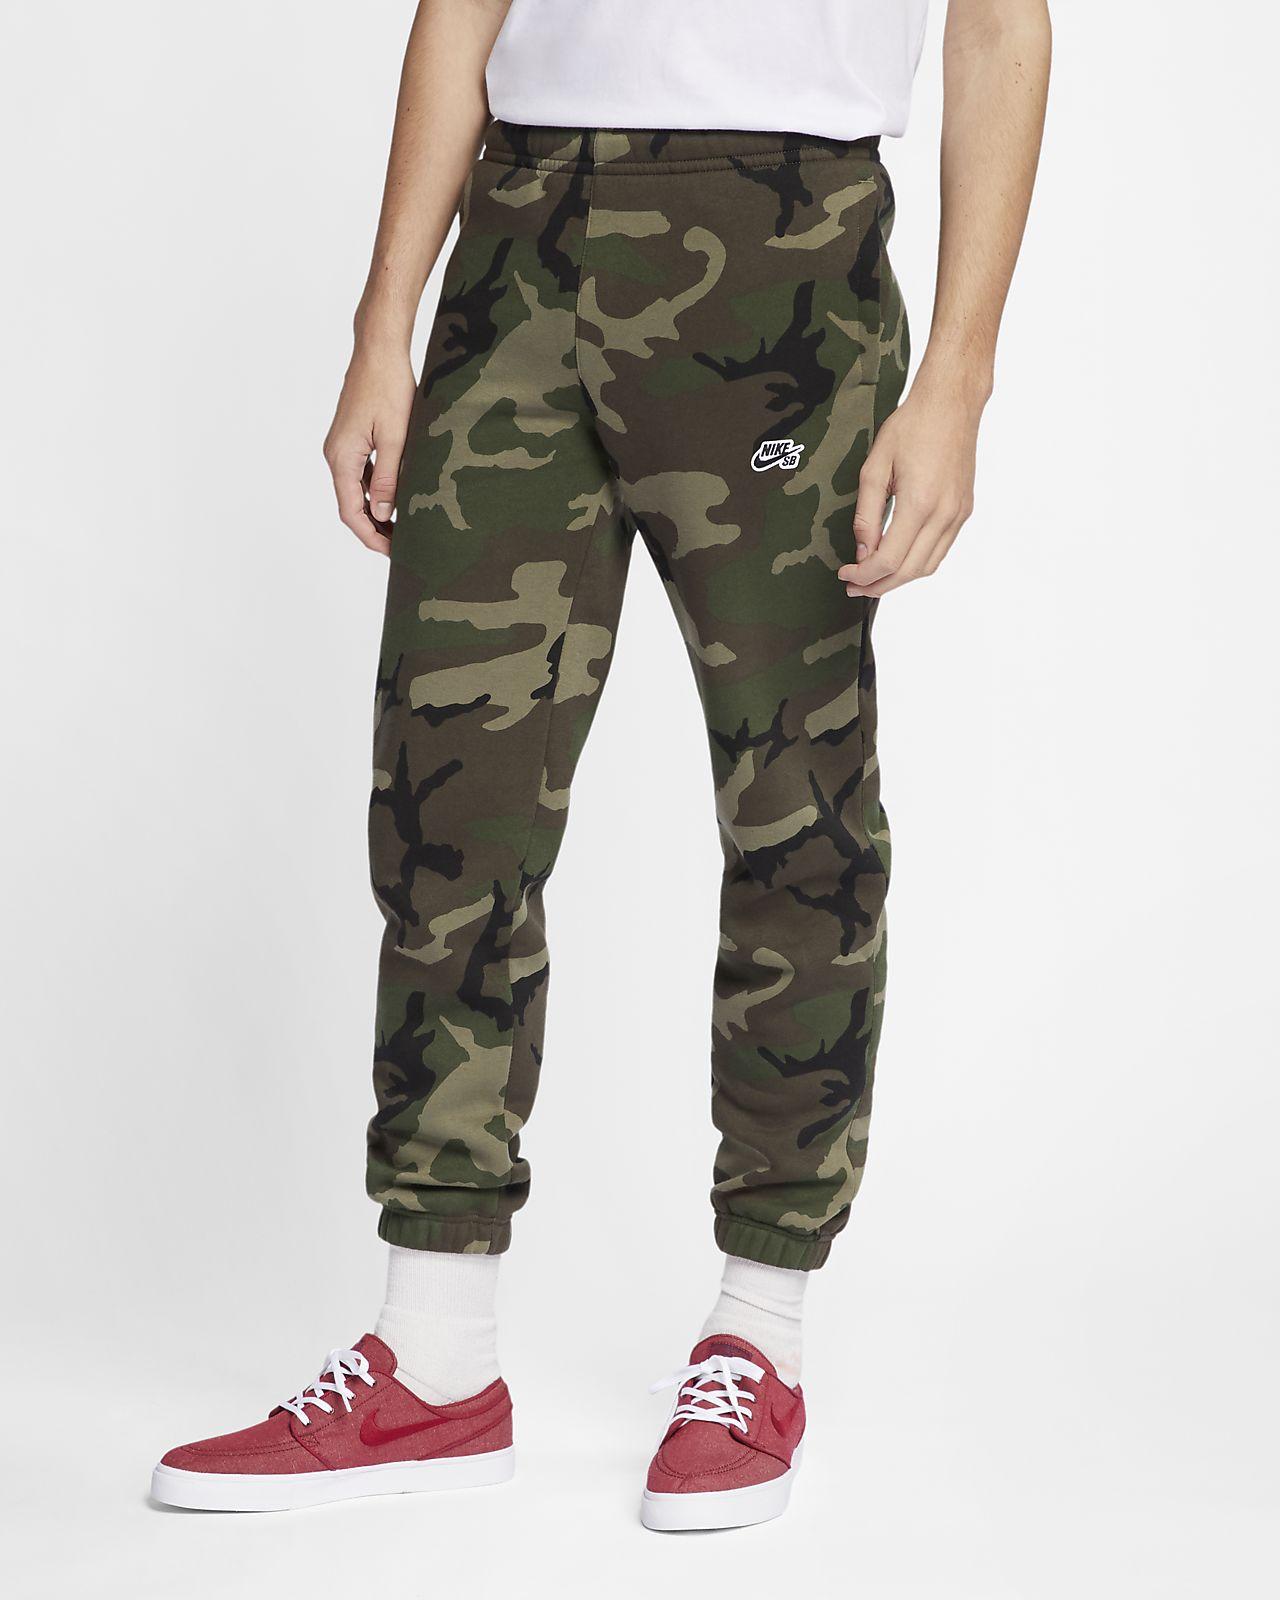 335e9ec0810f Nike SB Icon Men s Camo Skate Pants. Nike.com